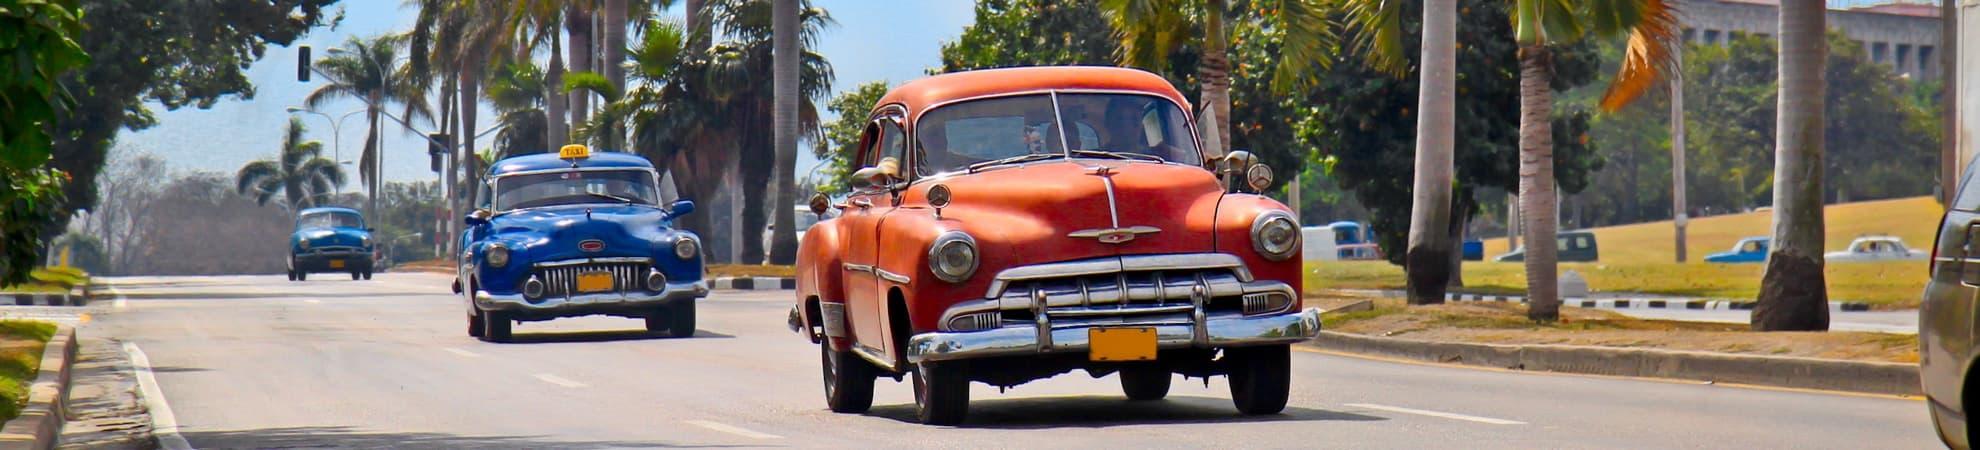 Autotours Cuba